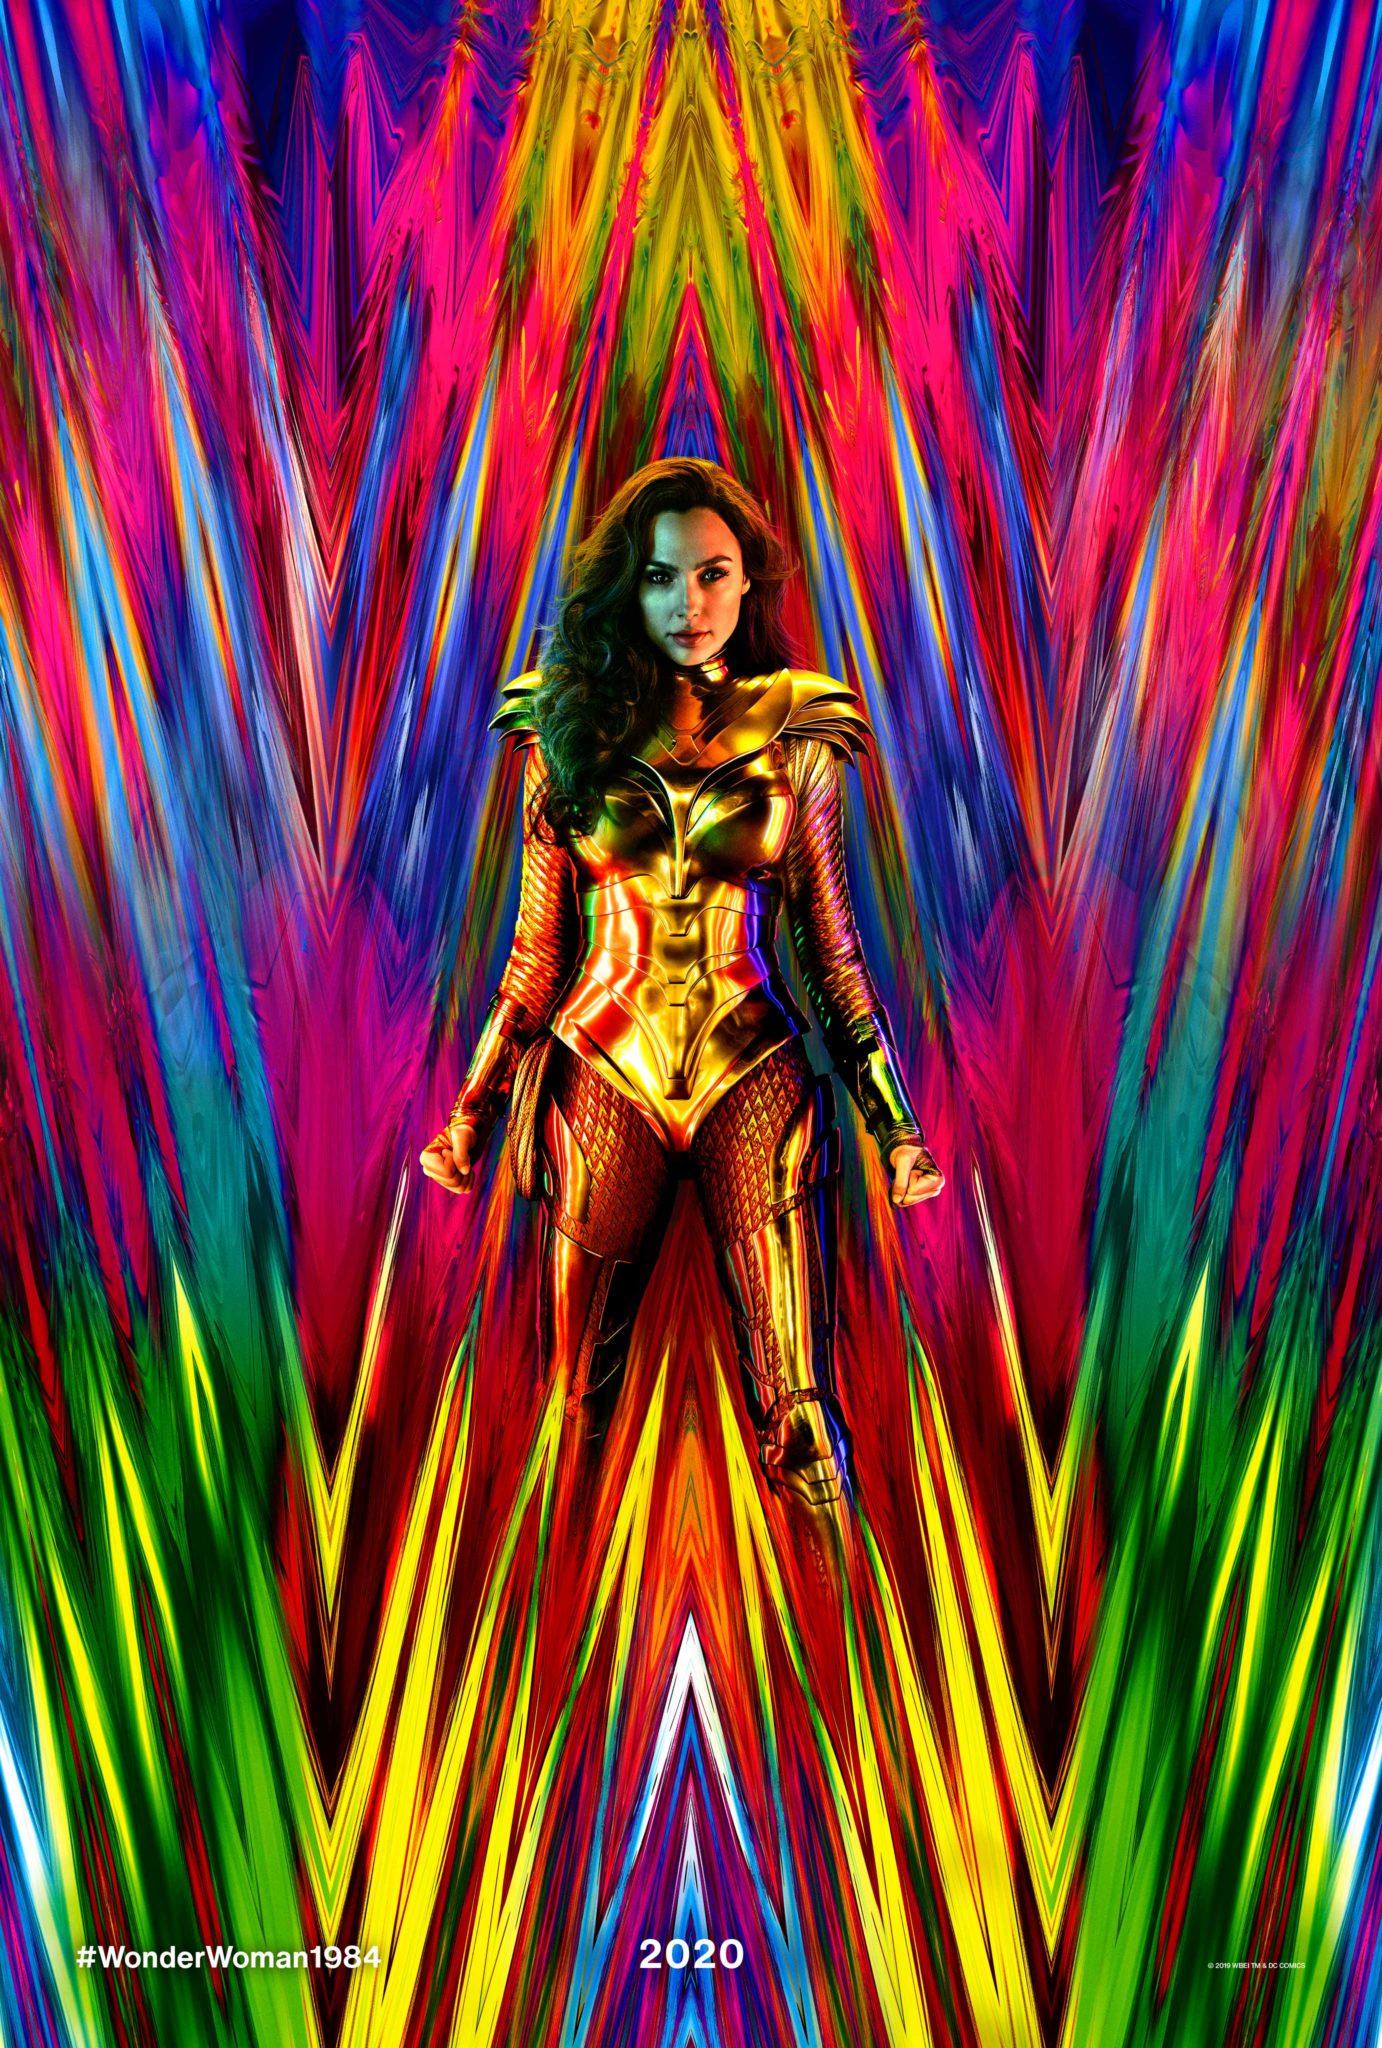 Wonder Woman 1984, Wonder Woman, Gal Gadot,